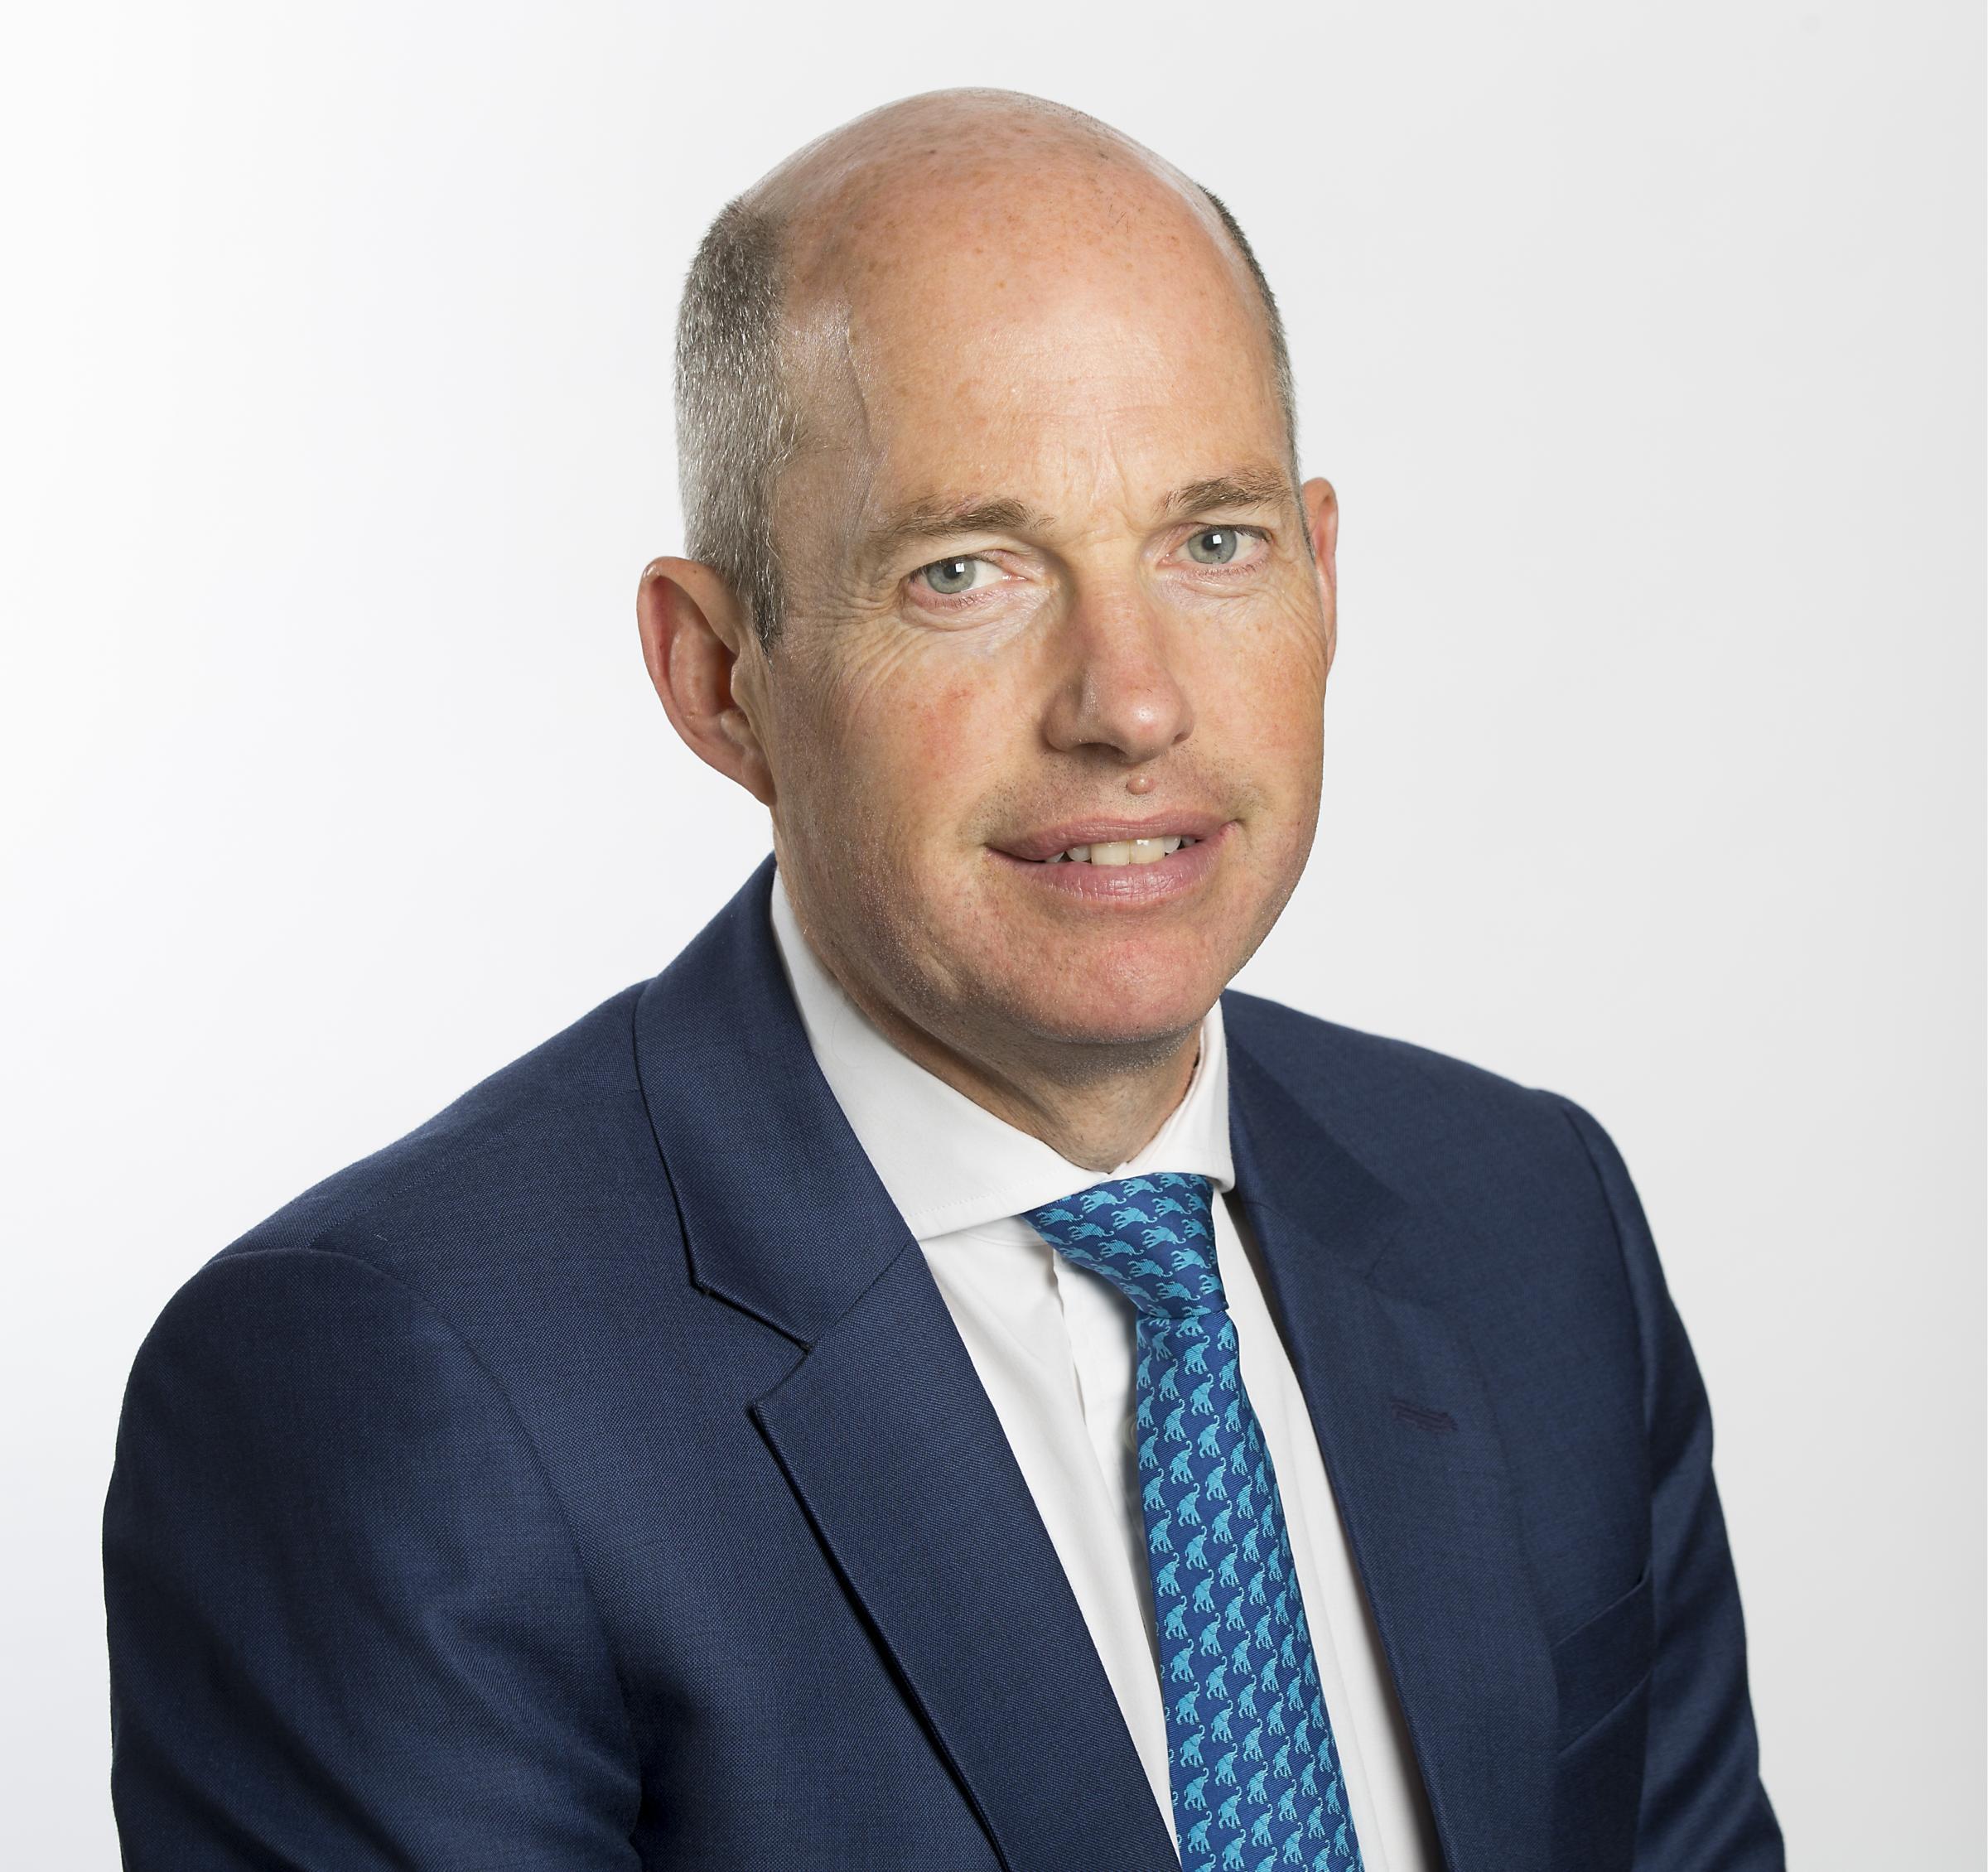 Skipton announces new non-executive director